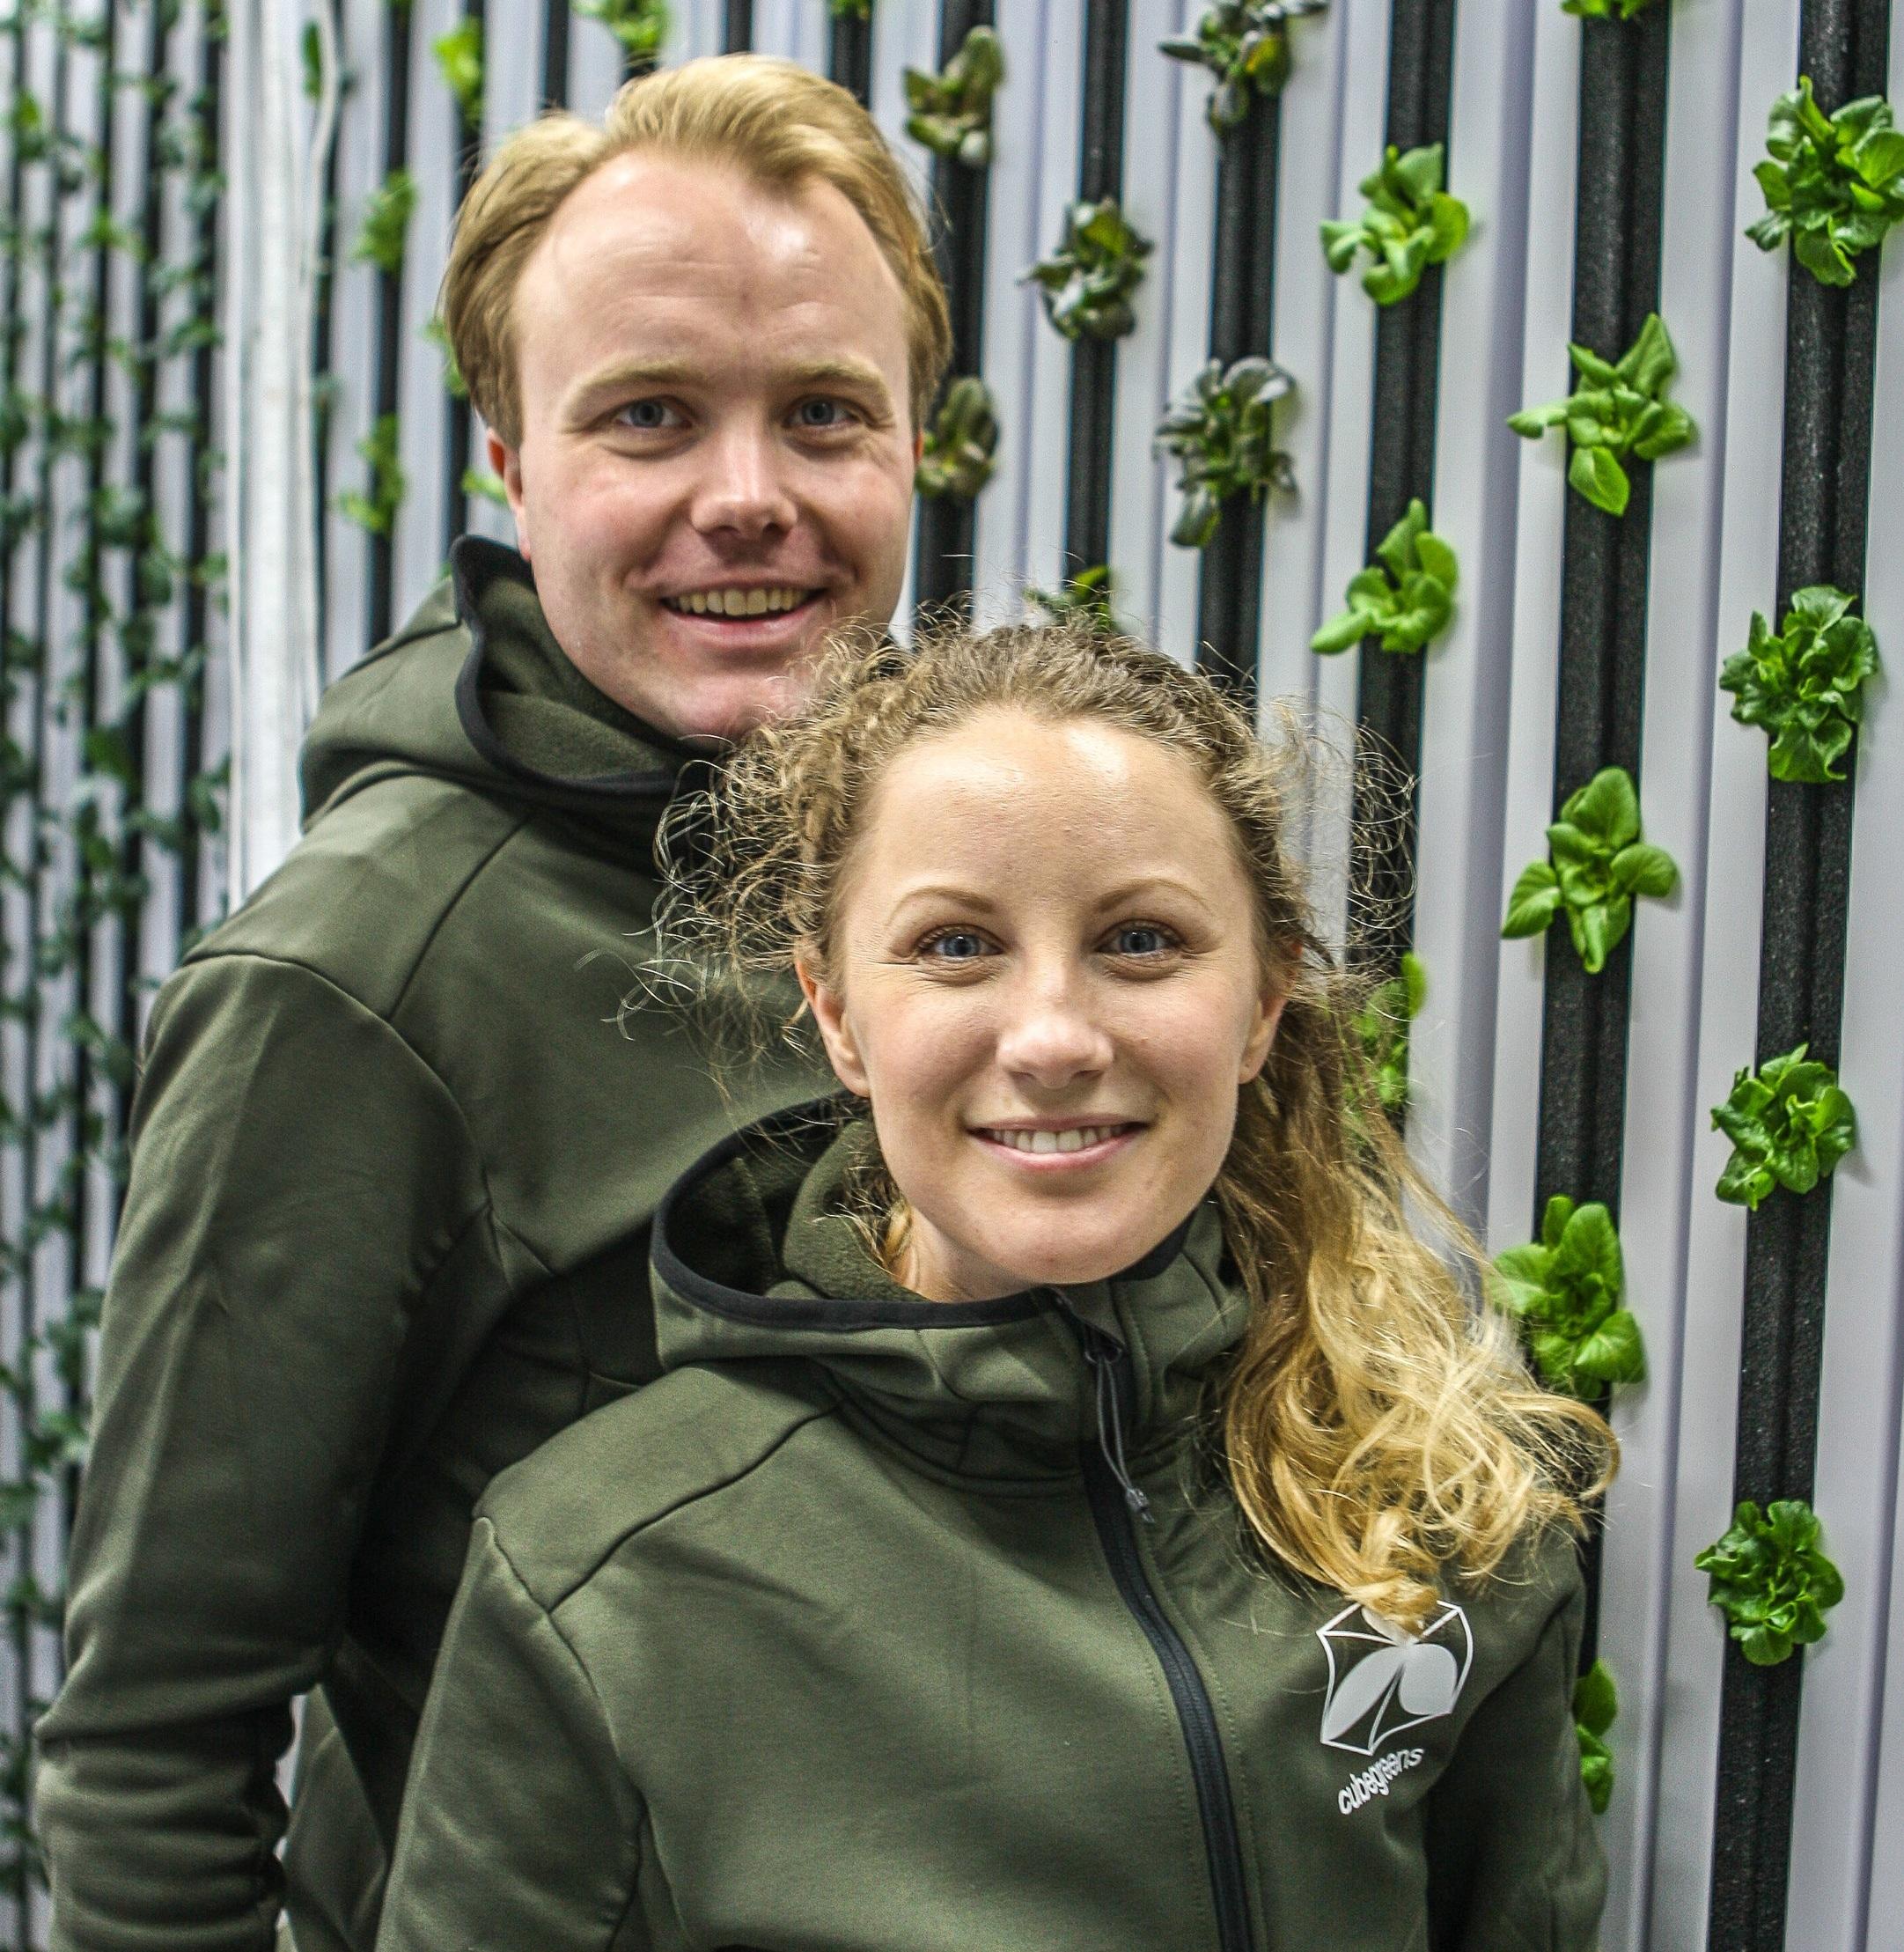 Hej! - Vi heter Lill och Carl Grebing och driver den urbana odlingen här Sickla. Med hjälp av en ombyggd fraktcontainer odlar vi sallater, kål och örter med största omtanke om smak, kvalité och miljö.Vi odlar helt giftfritt och levererar vår skörd till fots och med cykel till restauranger, butiker, kontor och boende i Sickla med omnejd.På den här sidan har ni möjlighet att beställa vår skörd för leverans till Atrium Ljungbergs huvudkontor. Skörden levereras veckovis på torsdagar till receptionen senast kl.16.Om du är intresserad av att prenumerera på en skördepåse veckovis över en längre period ber vi dig maila till oss på info@cubegreens.se så ordnar vi ett sådant abonnemang.